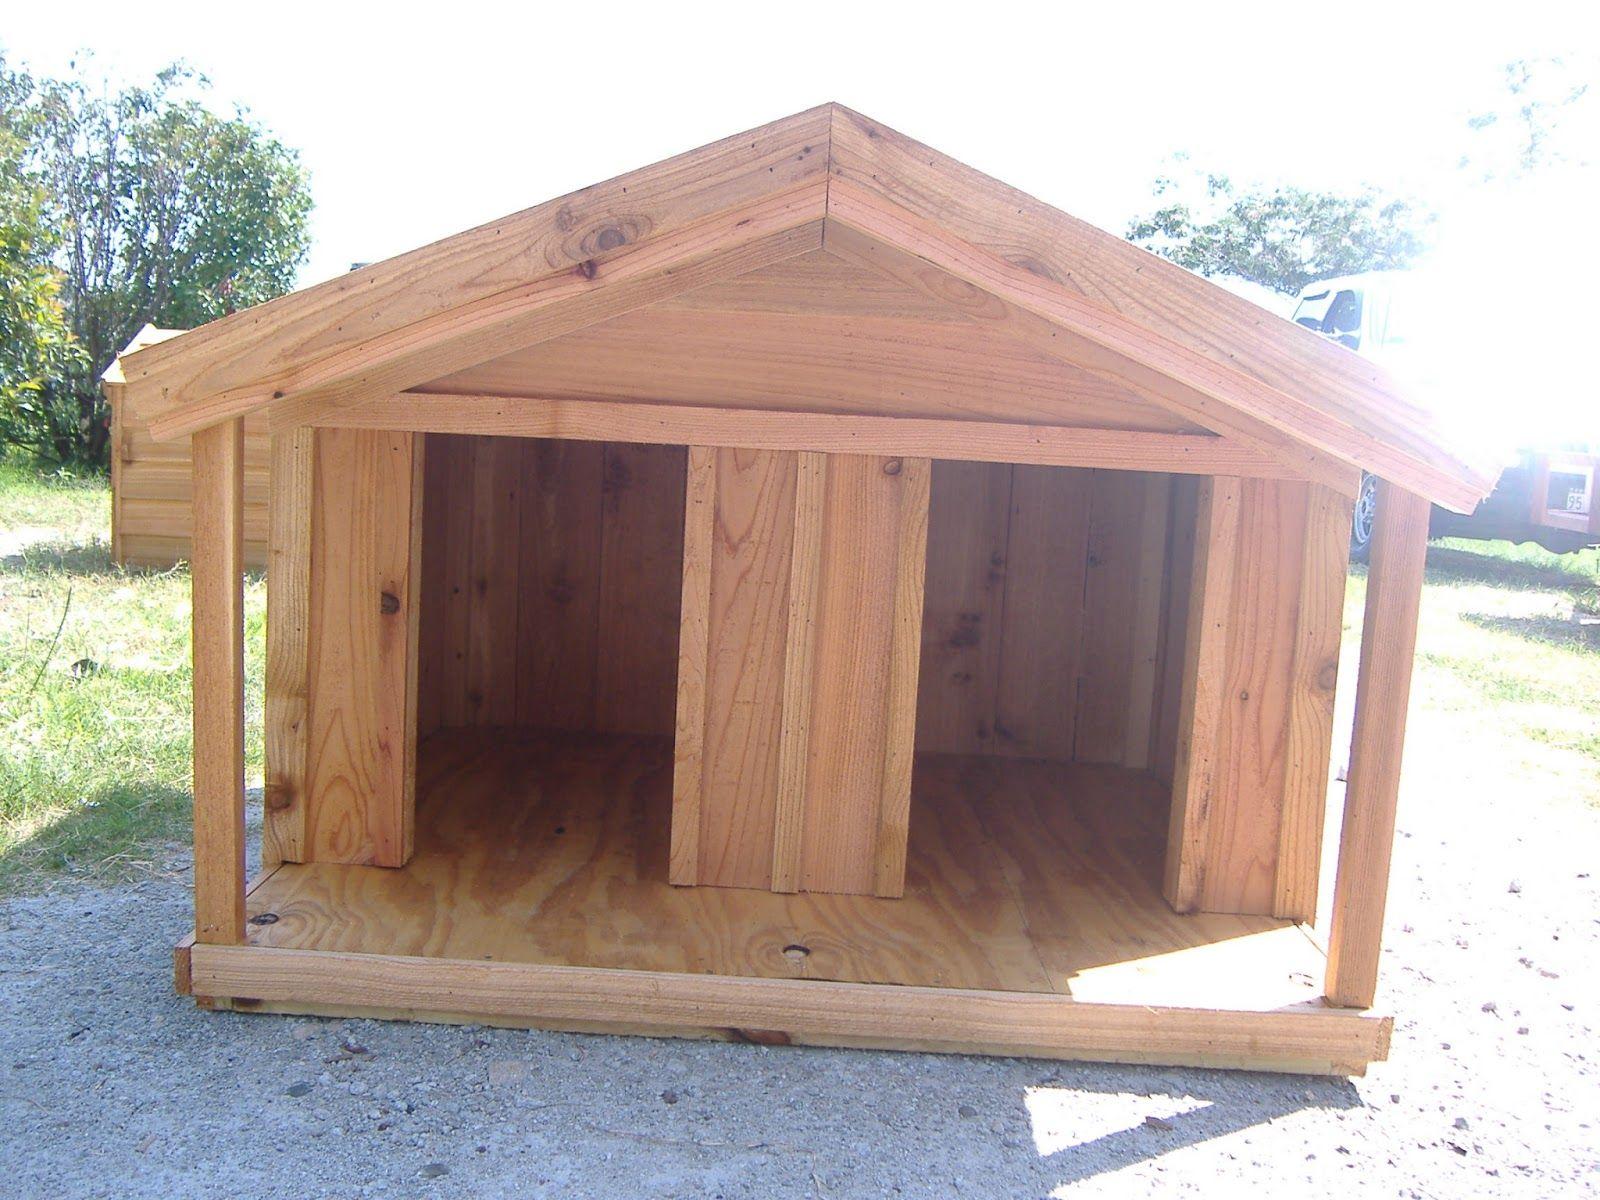 Custom Cedar Dog House with Porch